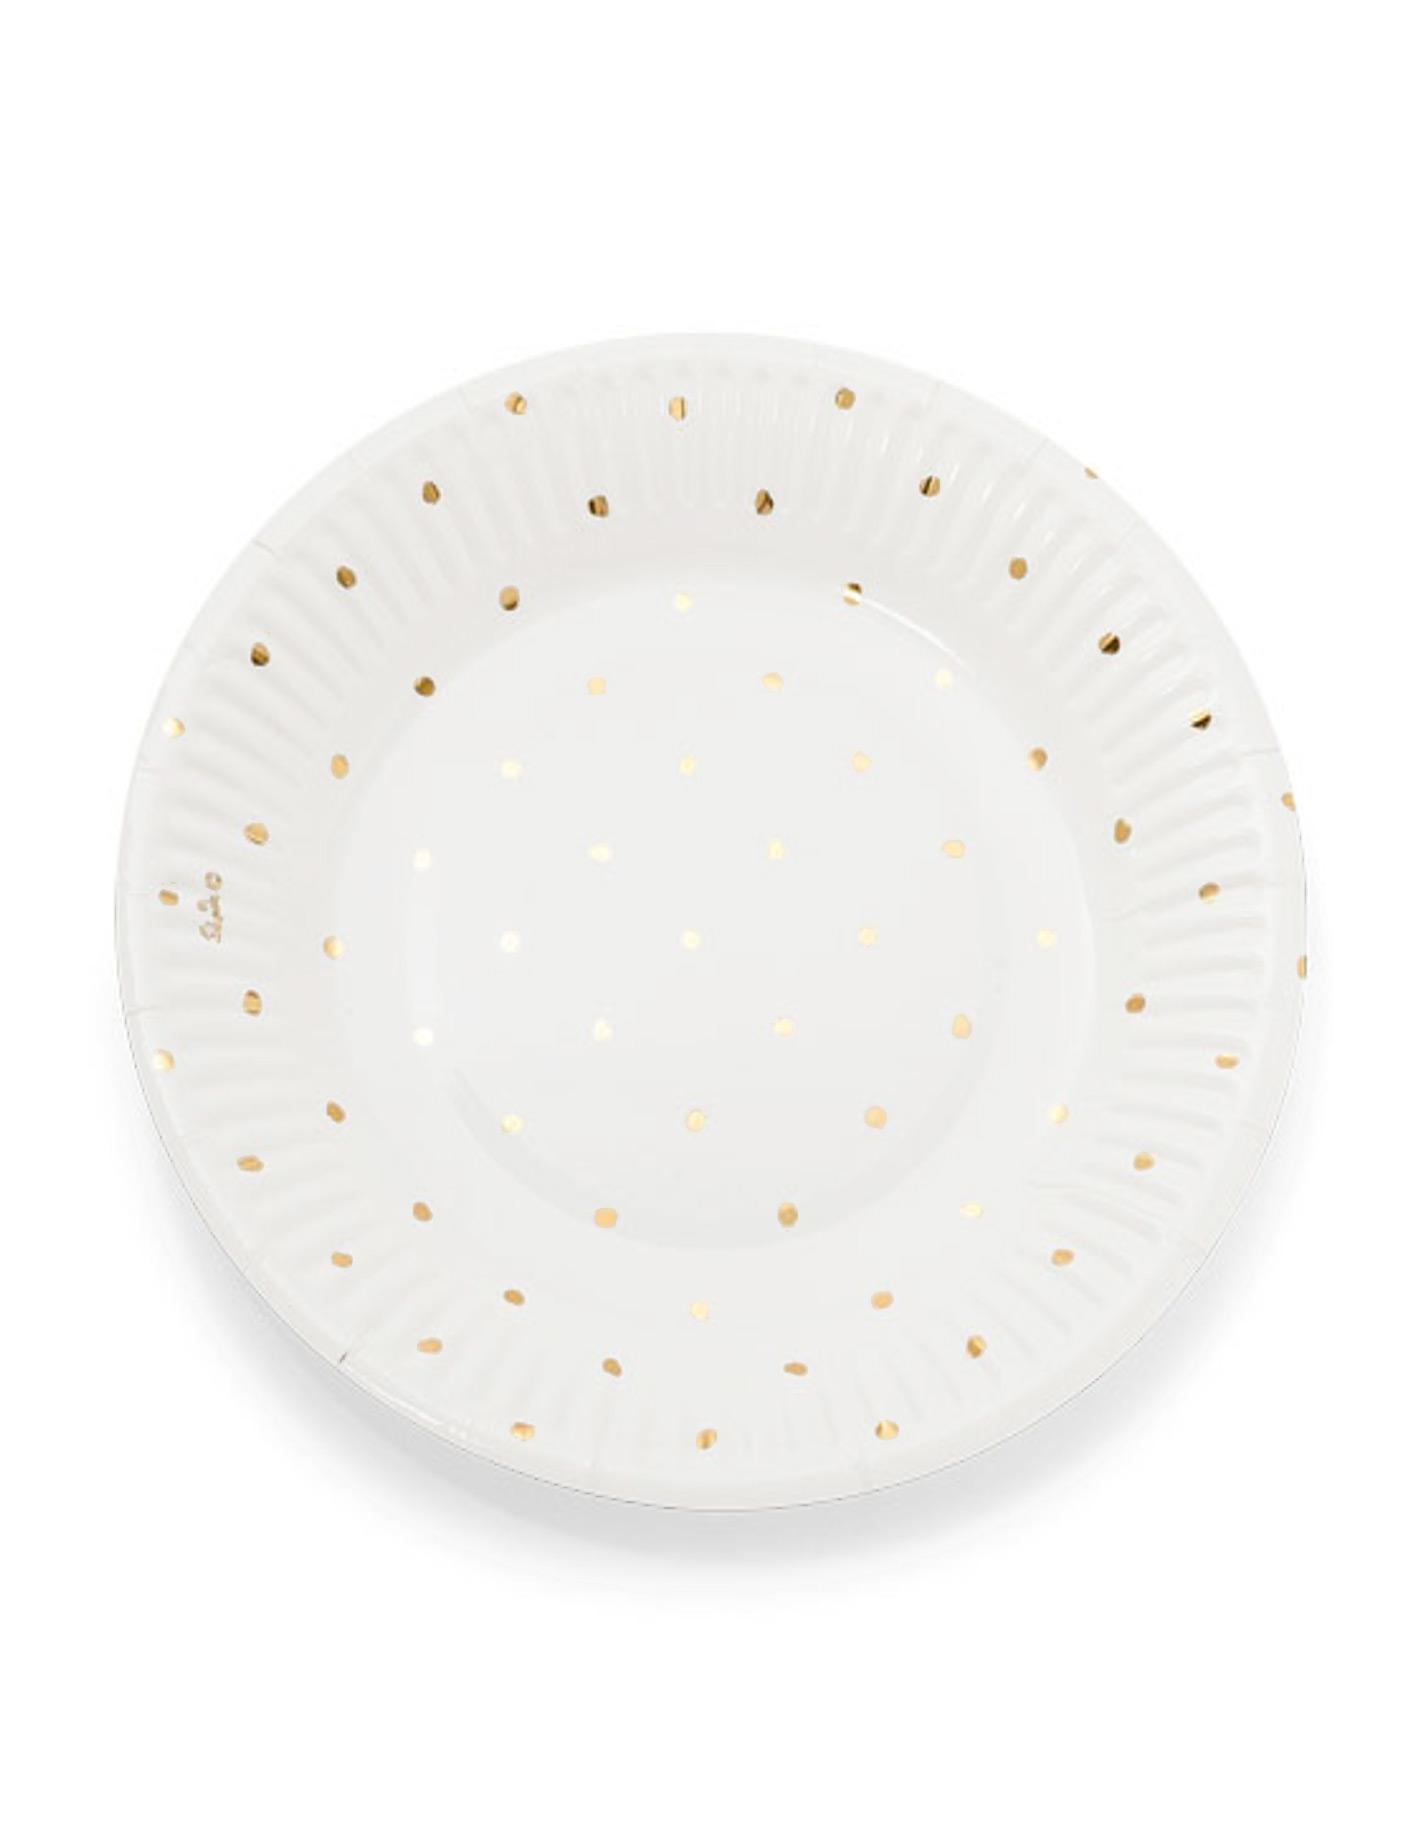 12 petites assiettes en carton blanches pois dor s 18cm. Black Bedroom Furniture Sets. Home Design Ideas